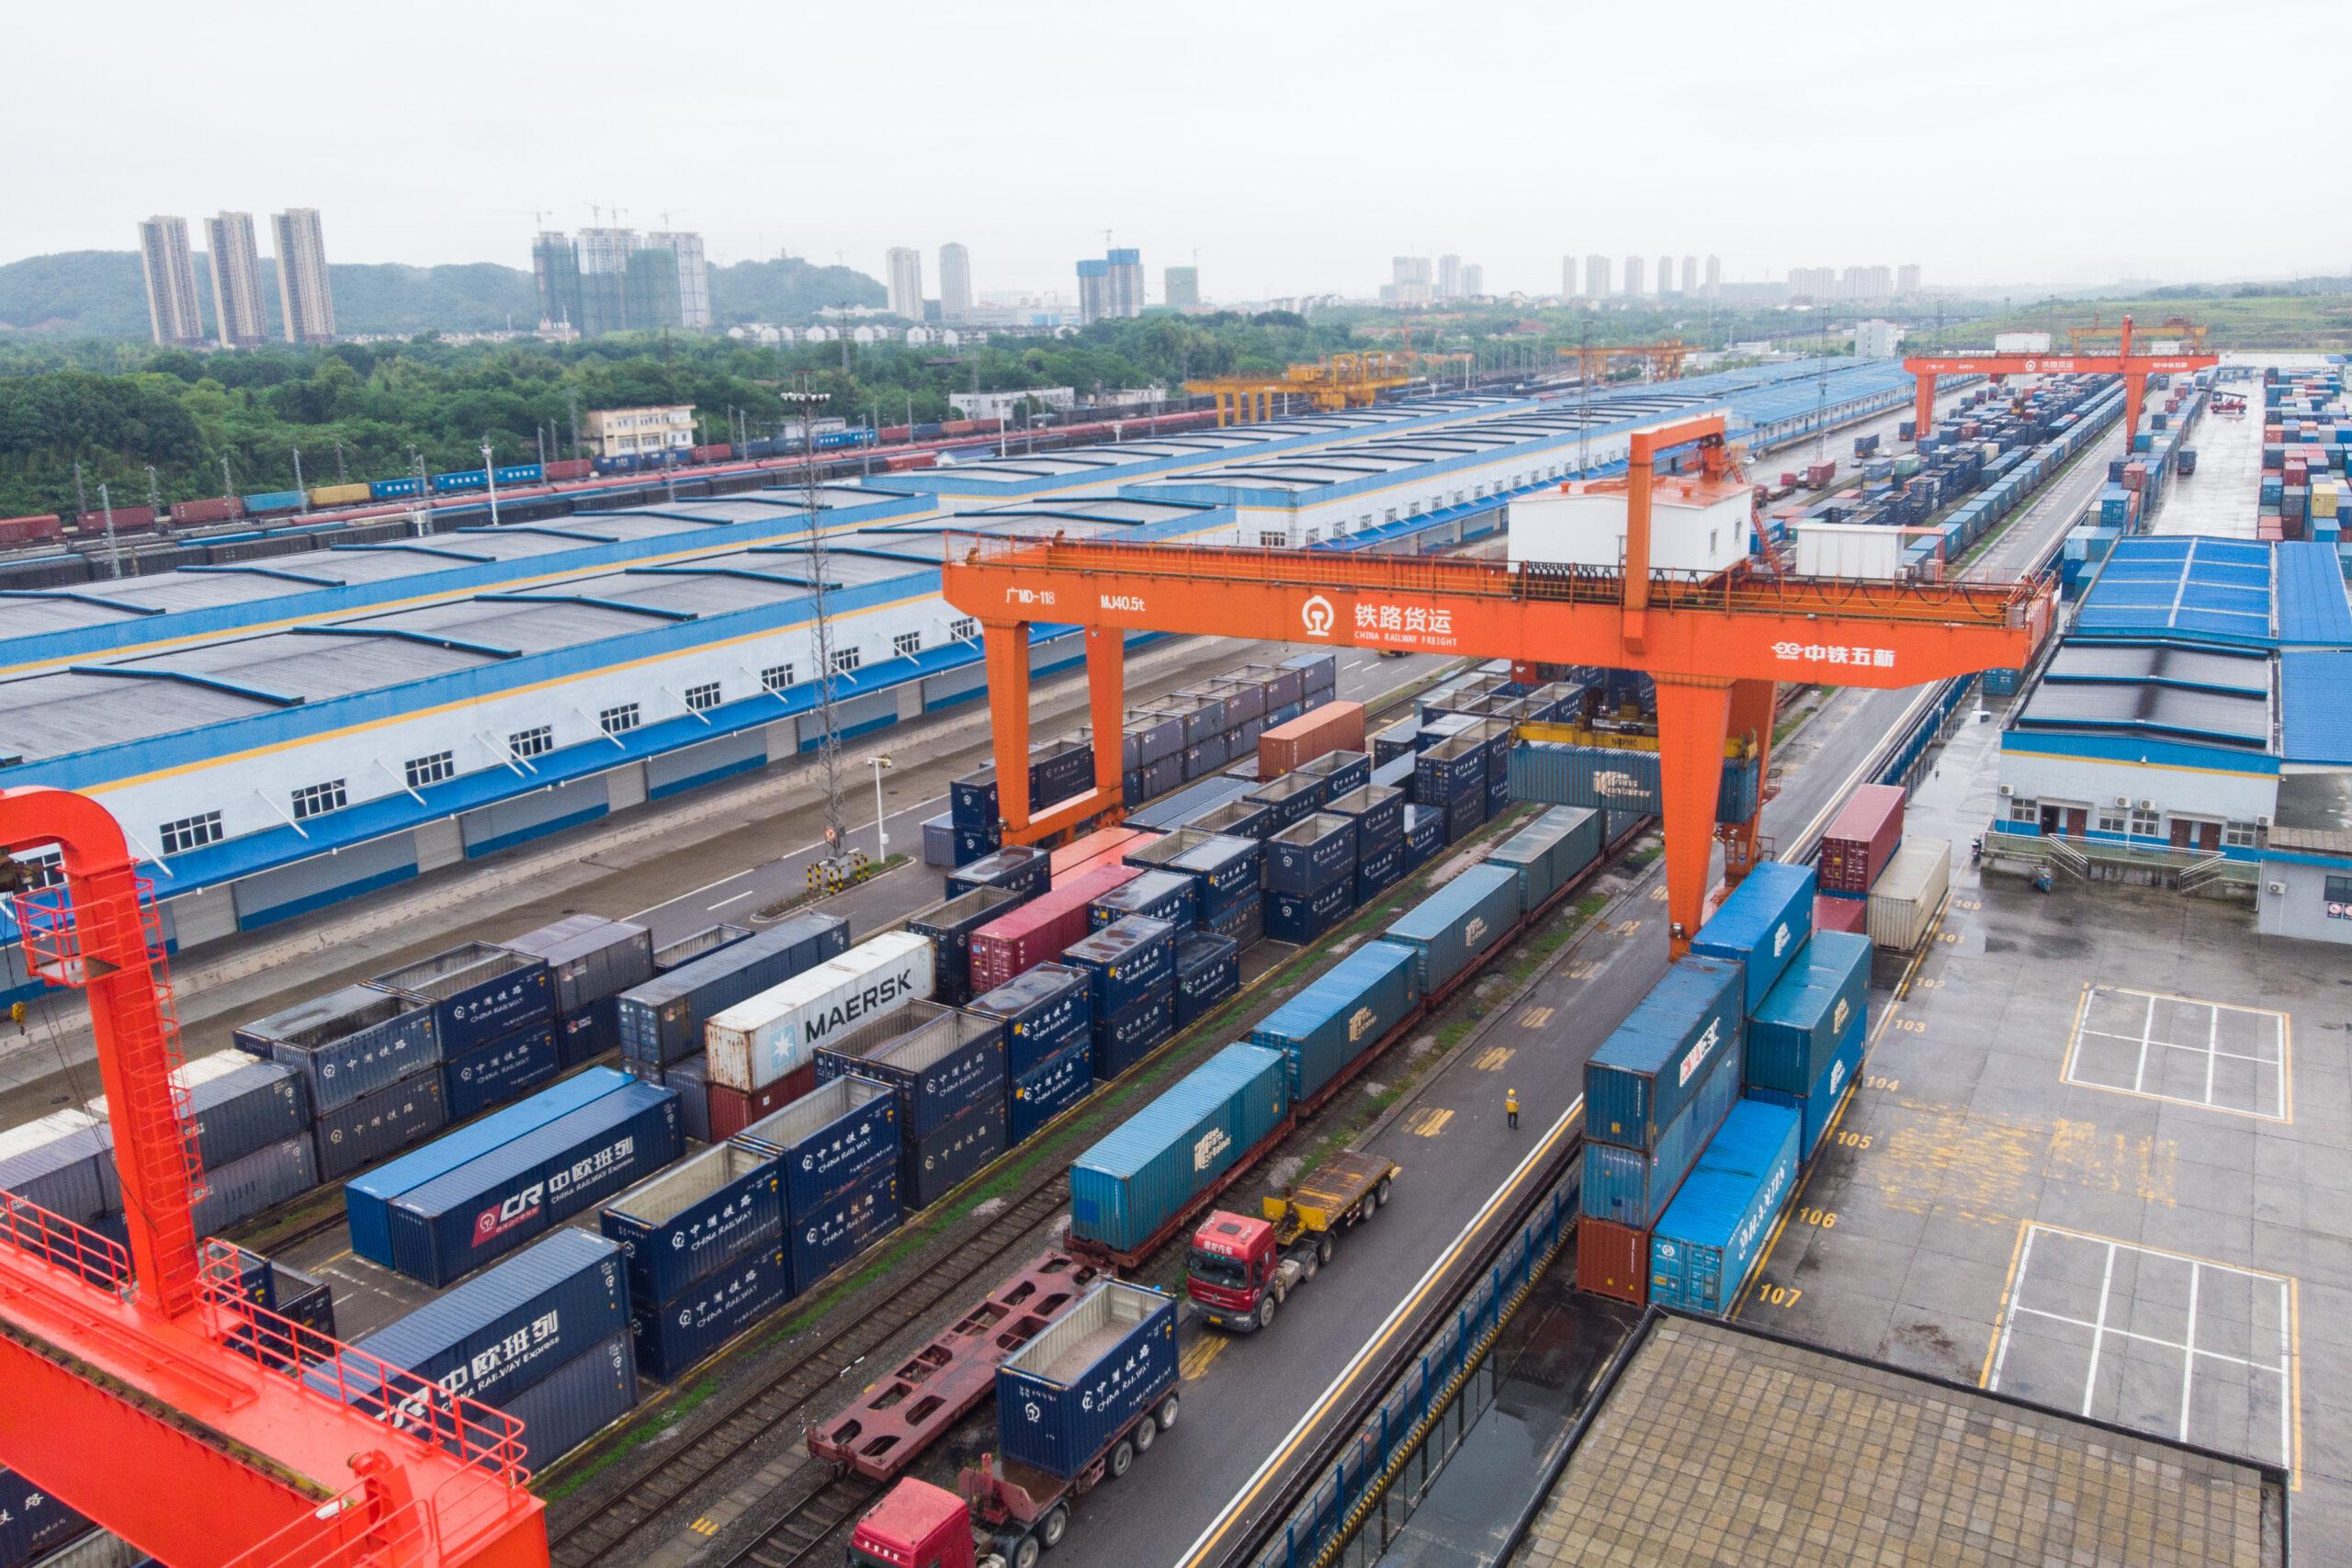 รถไฟสินค้า 'จีน-ยุโรป' สายใหม่ เชื่อมเจ้อเจียง-บูดาเปสต์